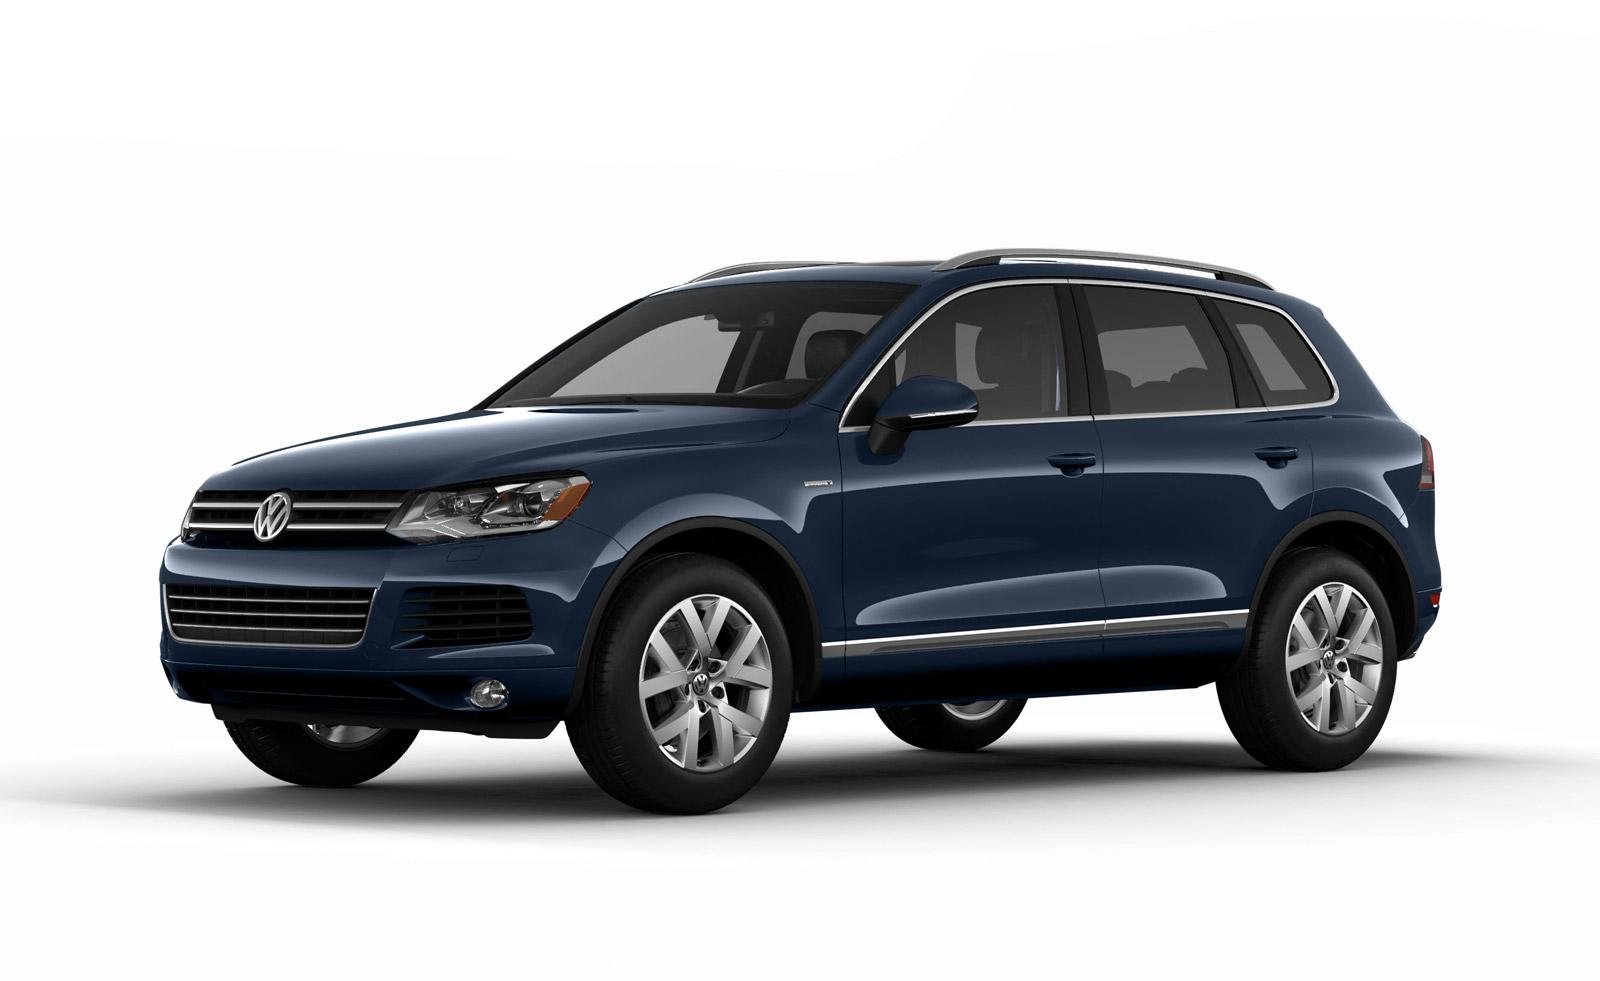 Новый Volkswagen Touareg 2014 года